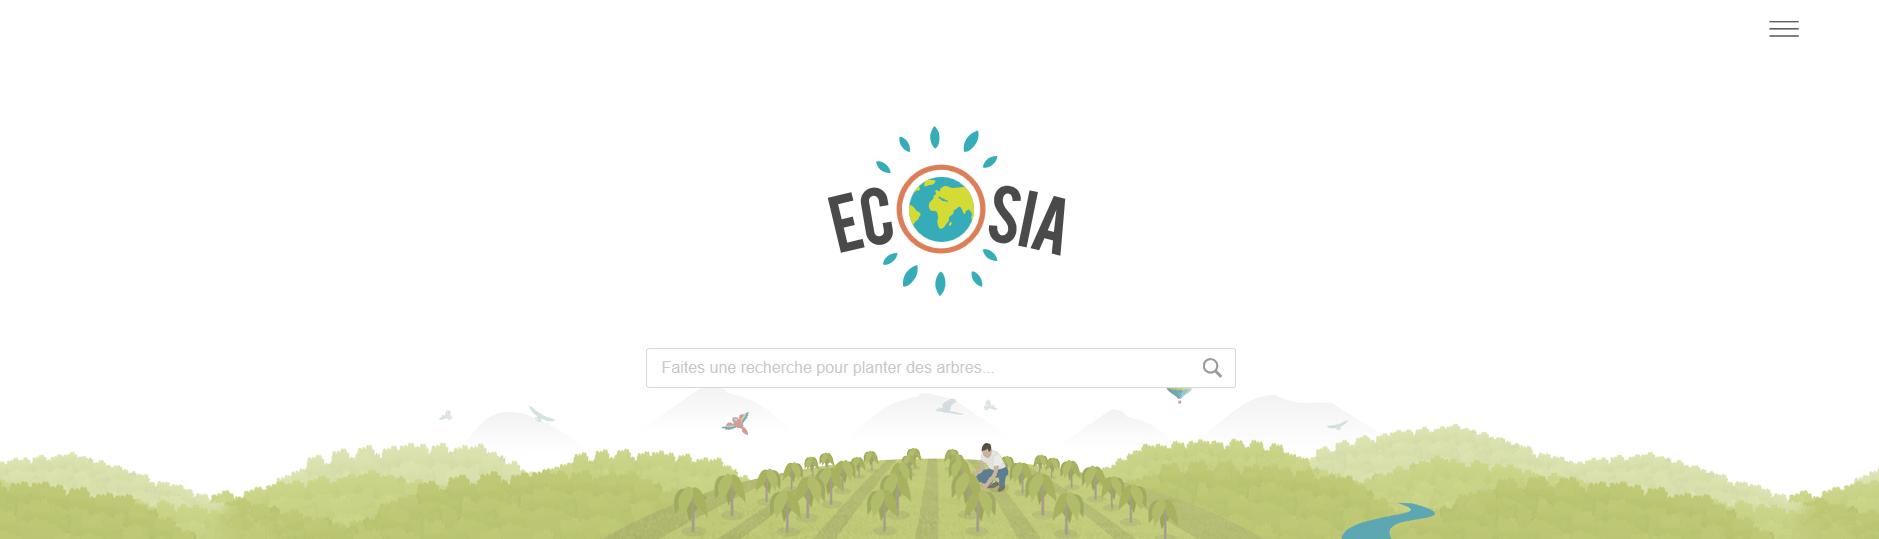 Ecosia le moteur de recherche qui plante des arbres mrweb for Recherche plante